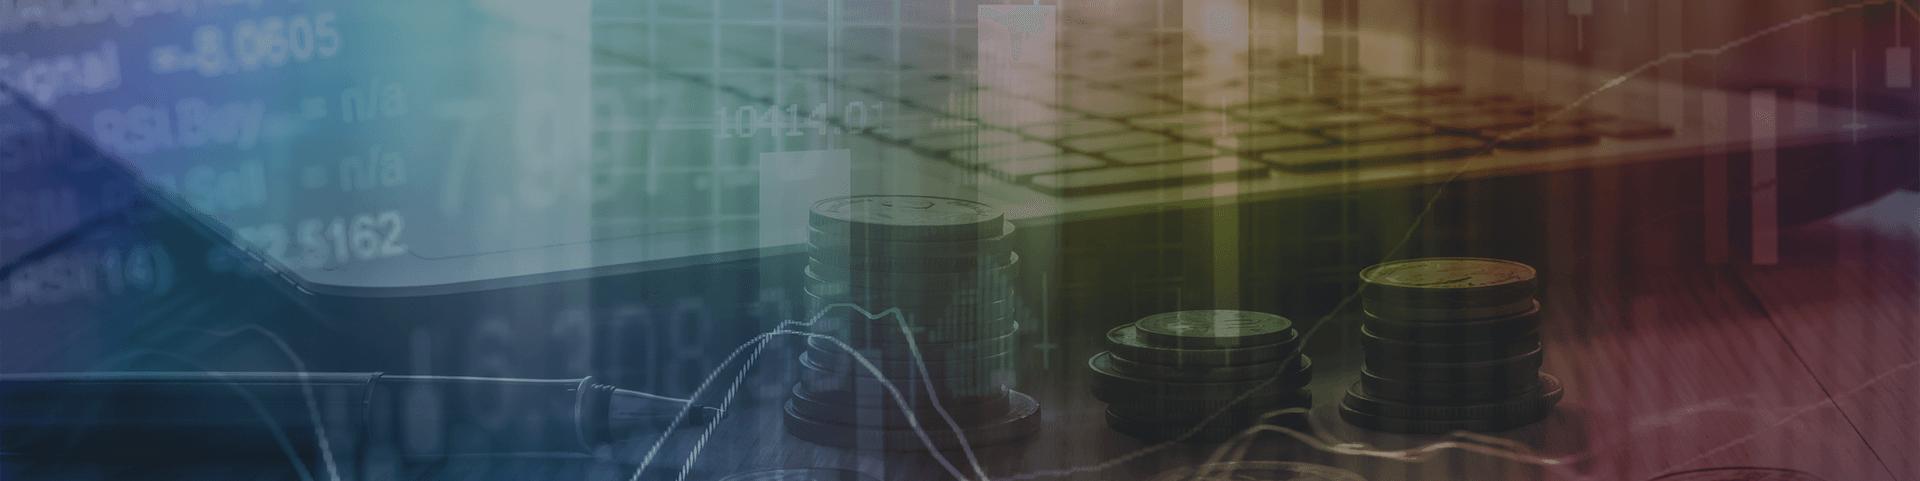 افتتاح حساب فارکس   آموزش تحلیل تکنیکال   استراتژی فارکس رایگان   سیگنال و اکسپرت رایگان   pf-forex